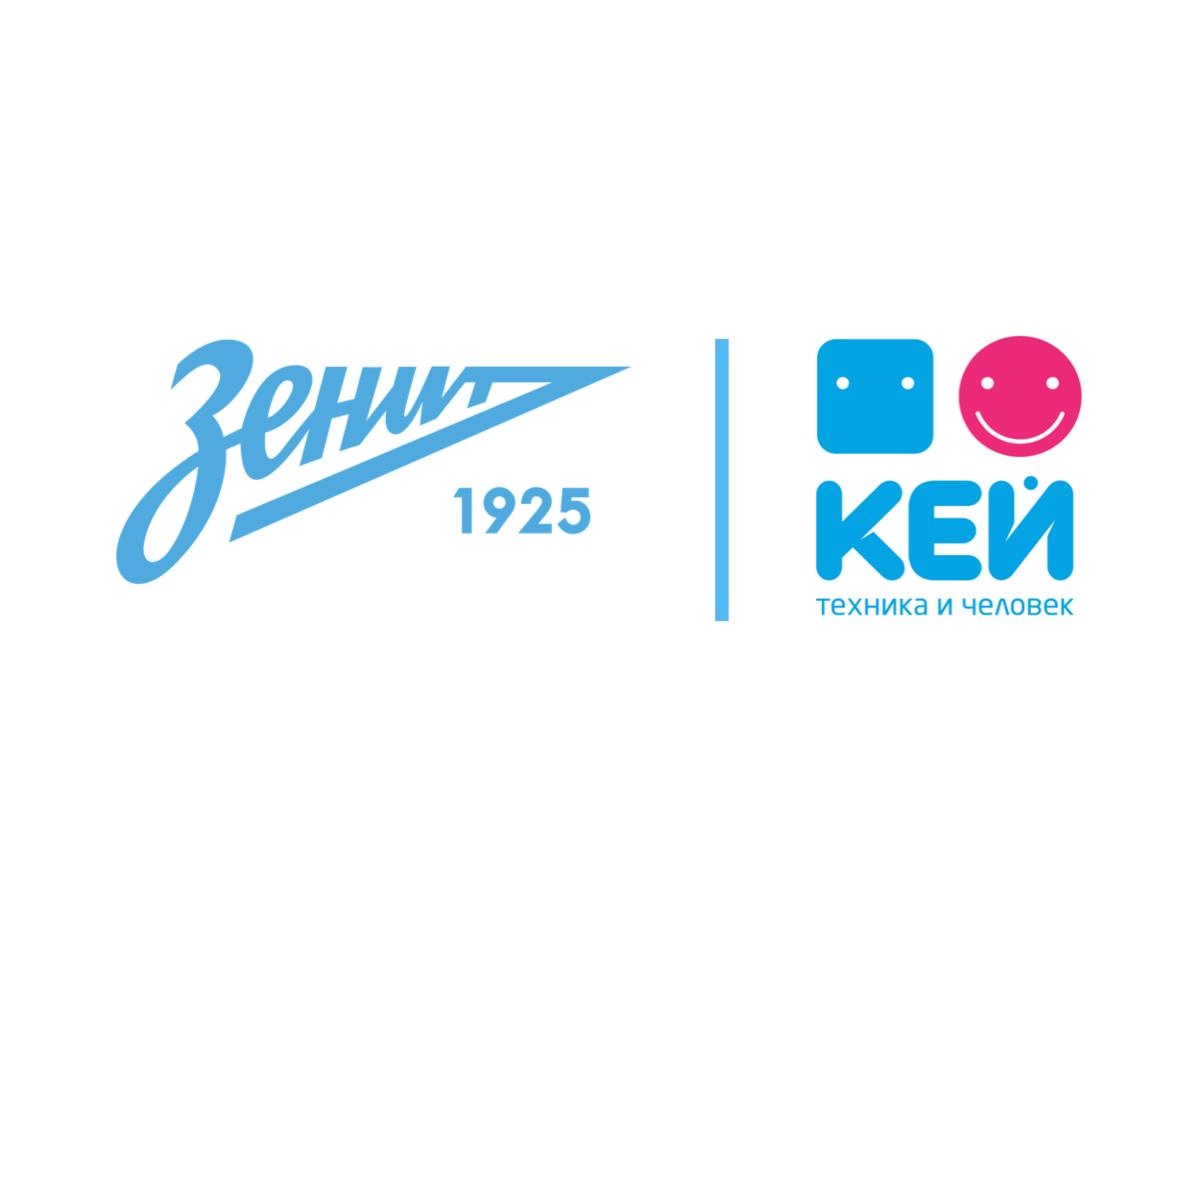 Зенит + КЕЙ / Проект компании Aidem